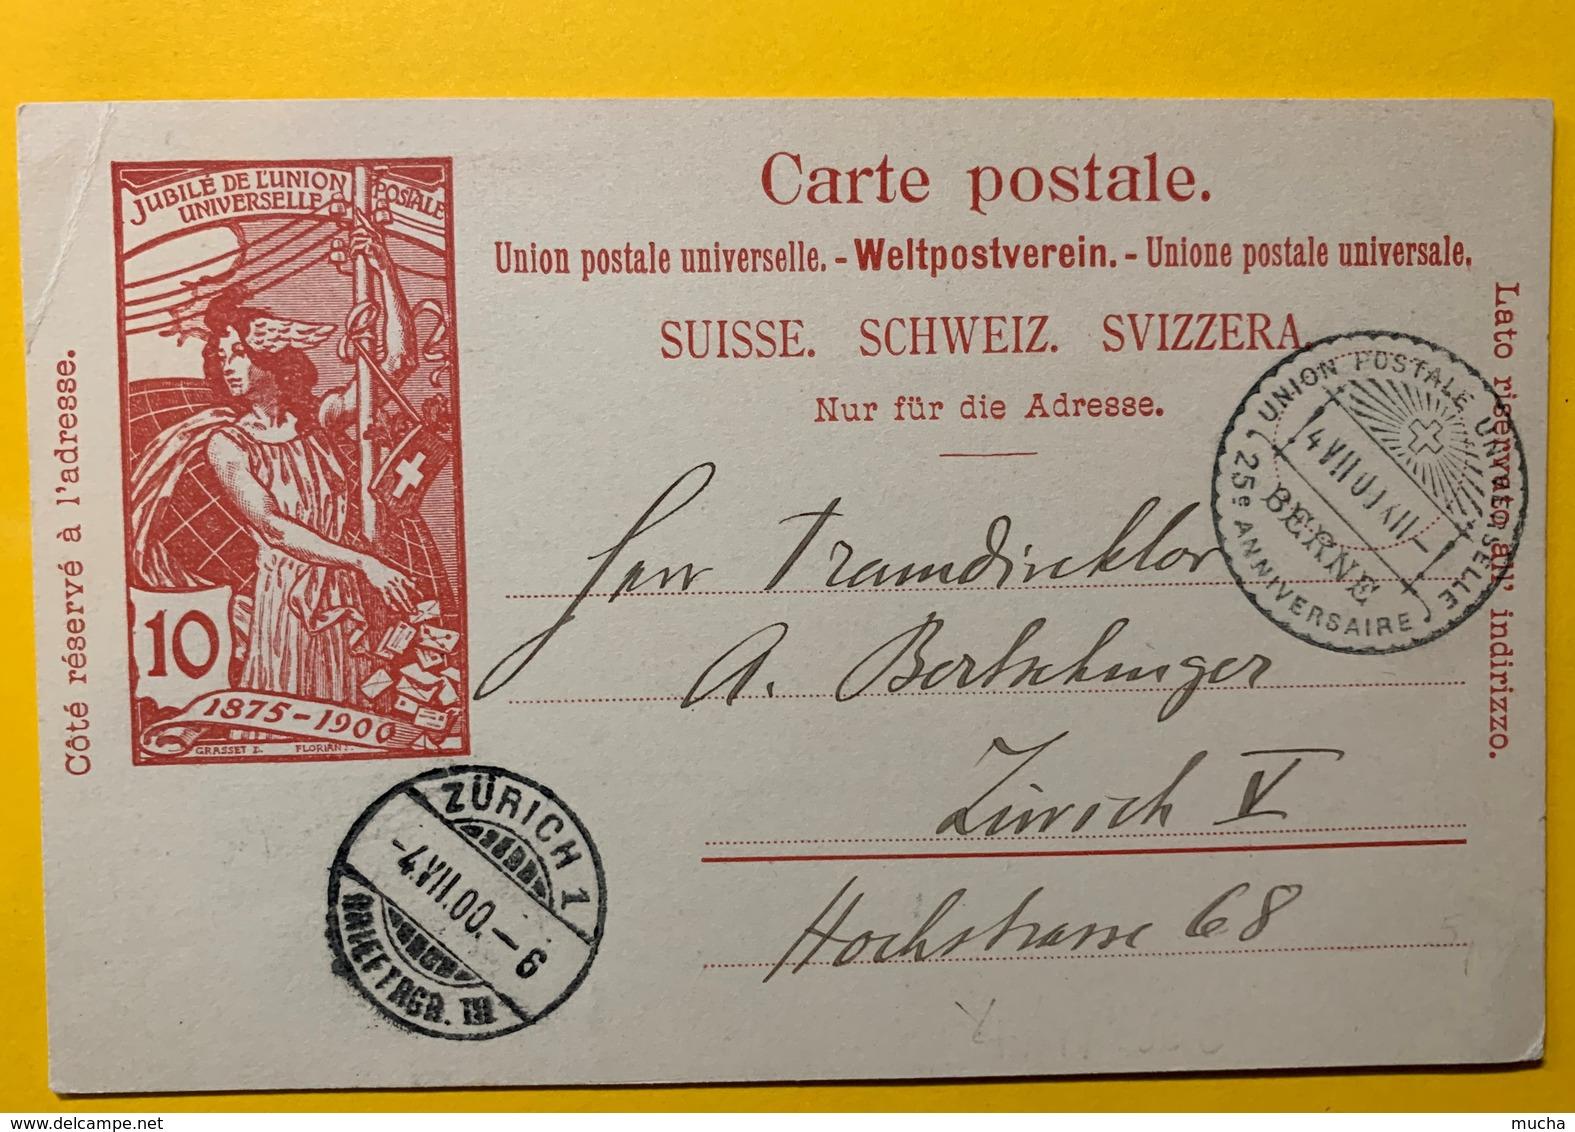 9266 - Jubilé UPU 10 Ct Carmin Cahet Officiel Du Jubilé 04.07.1900 - Entiers Postaux